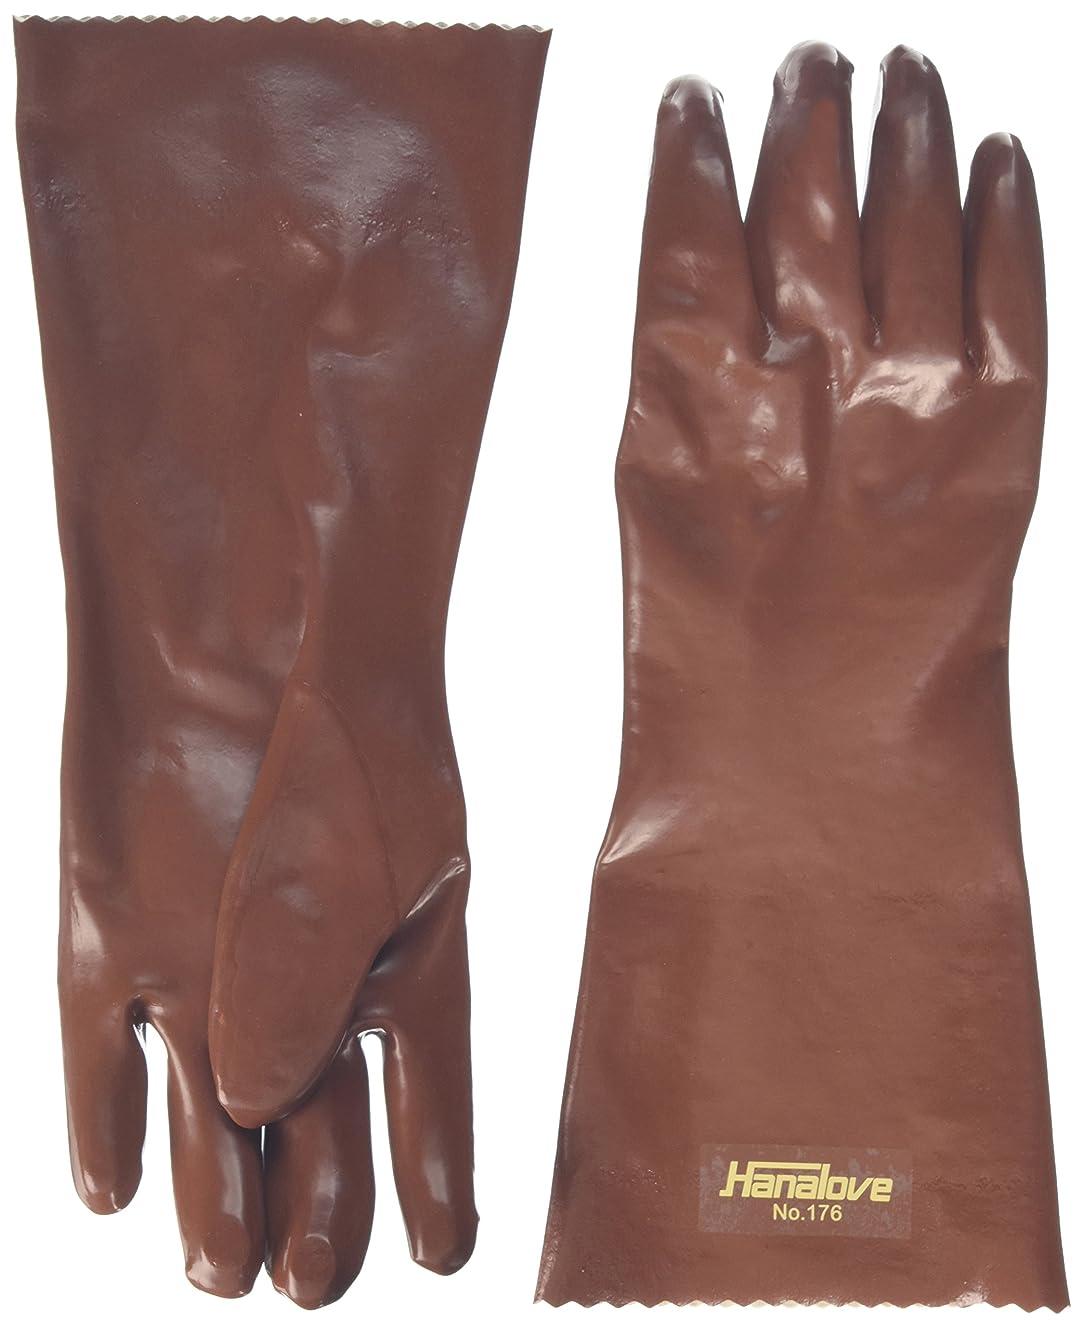 ために解決十代ハナキゴム 耐油手袋ハナローブNo.176 1双